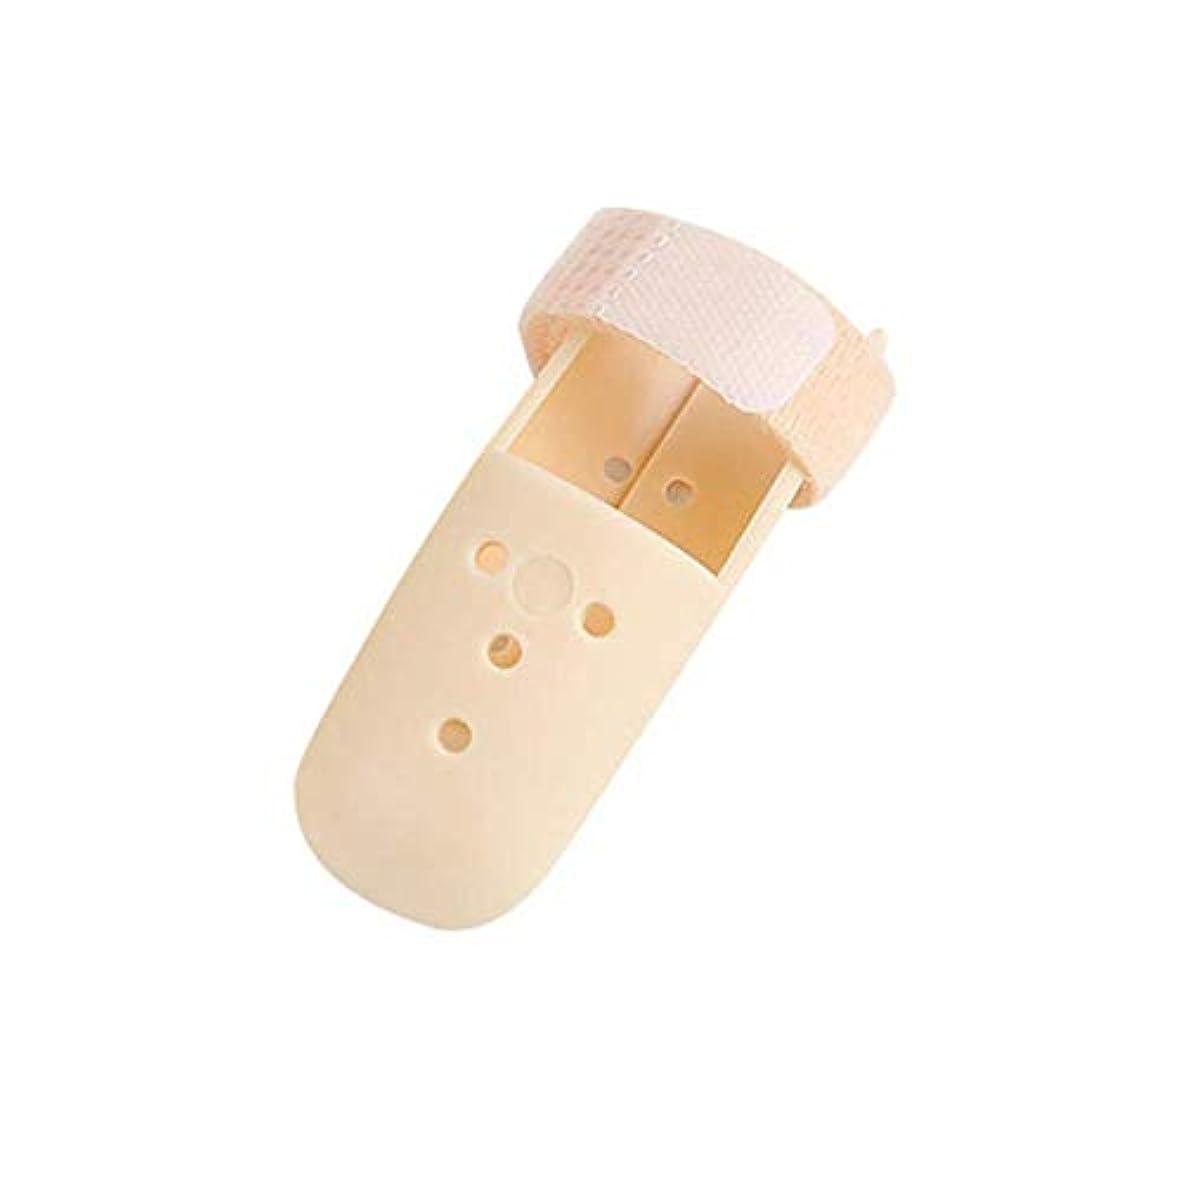 かみそり中でもう一度トリガー指スプリント、指装具指板関節炎痛みトレーニングリハビリ機器修理左手右手,4